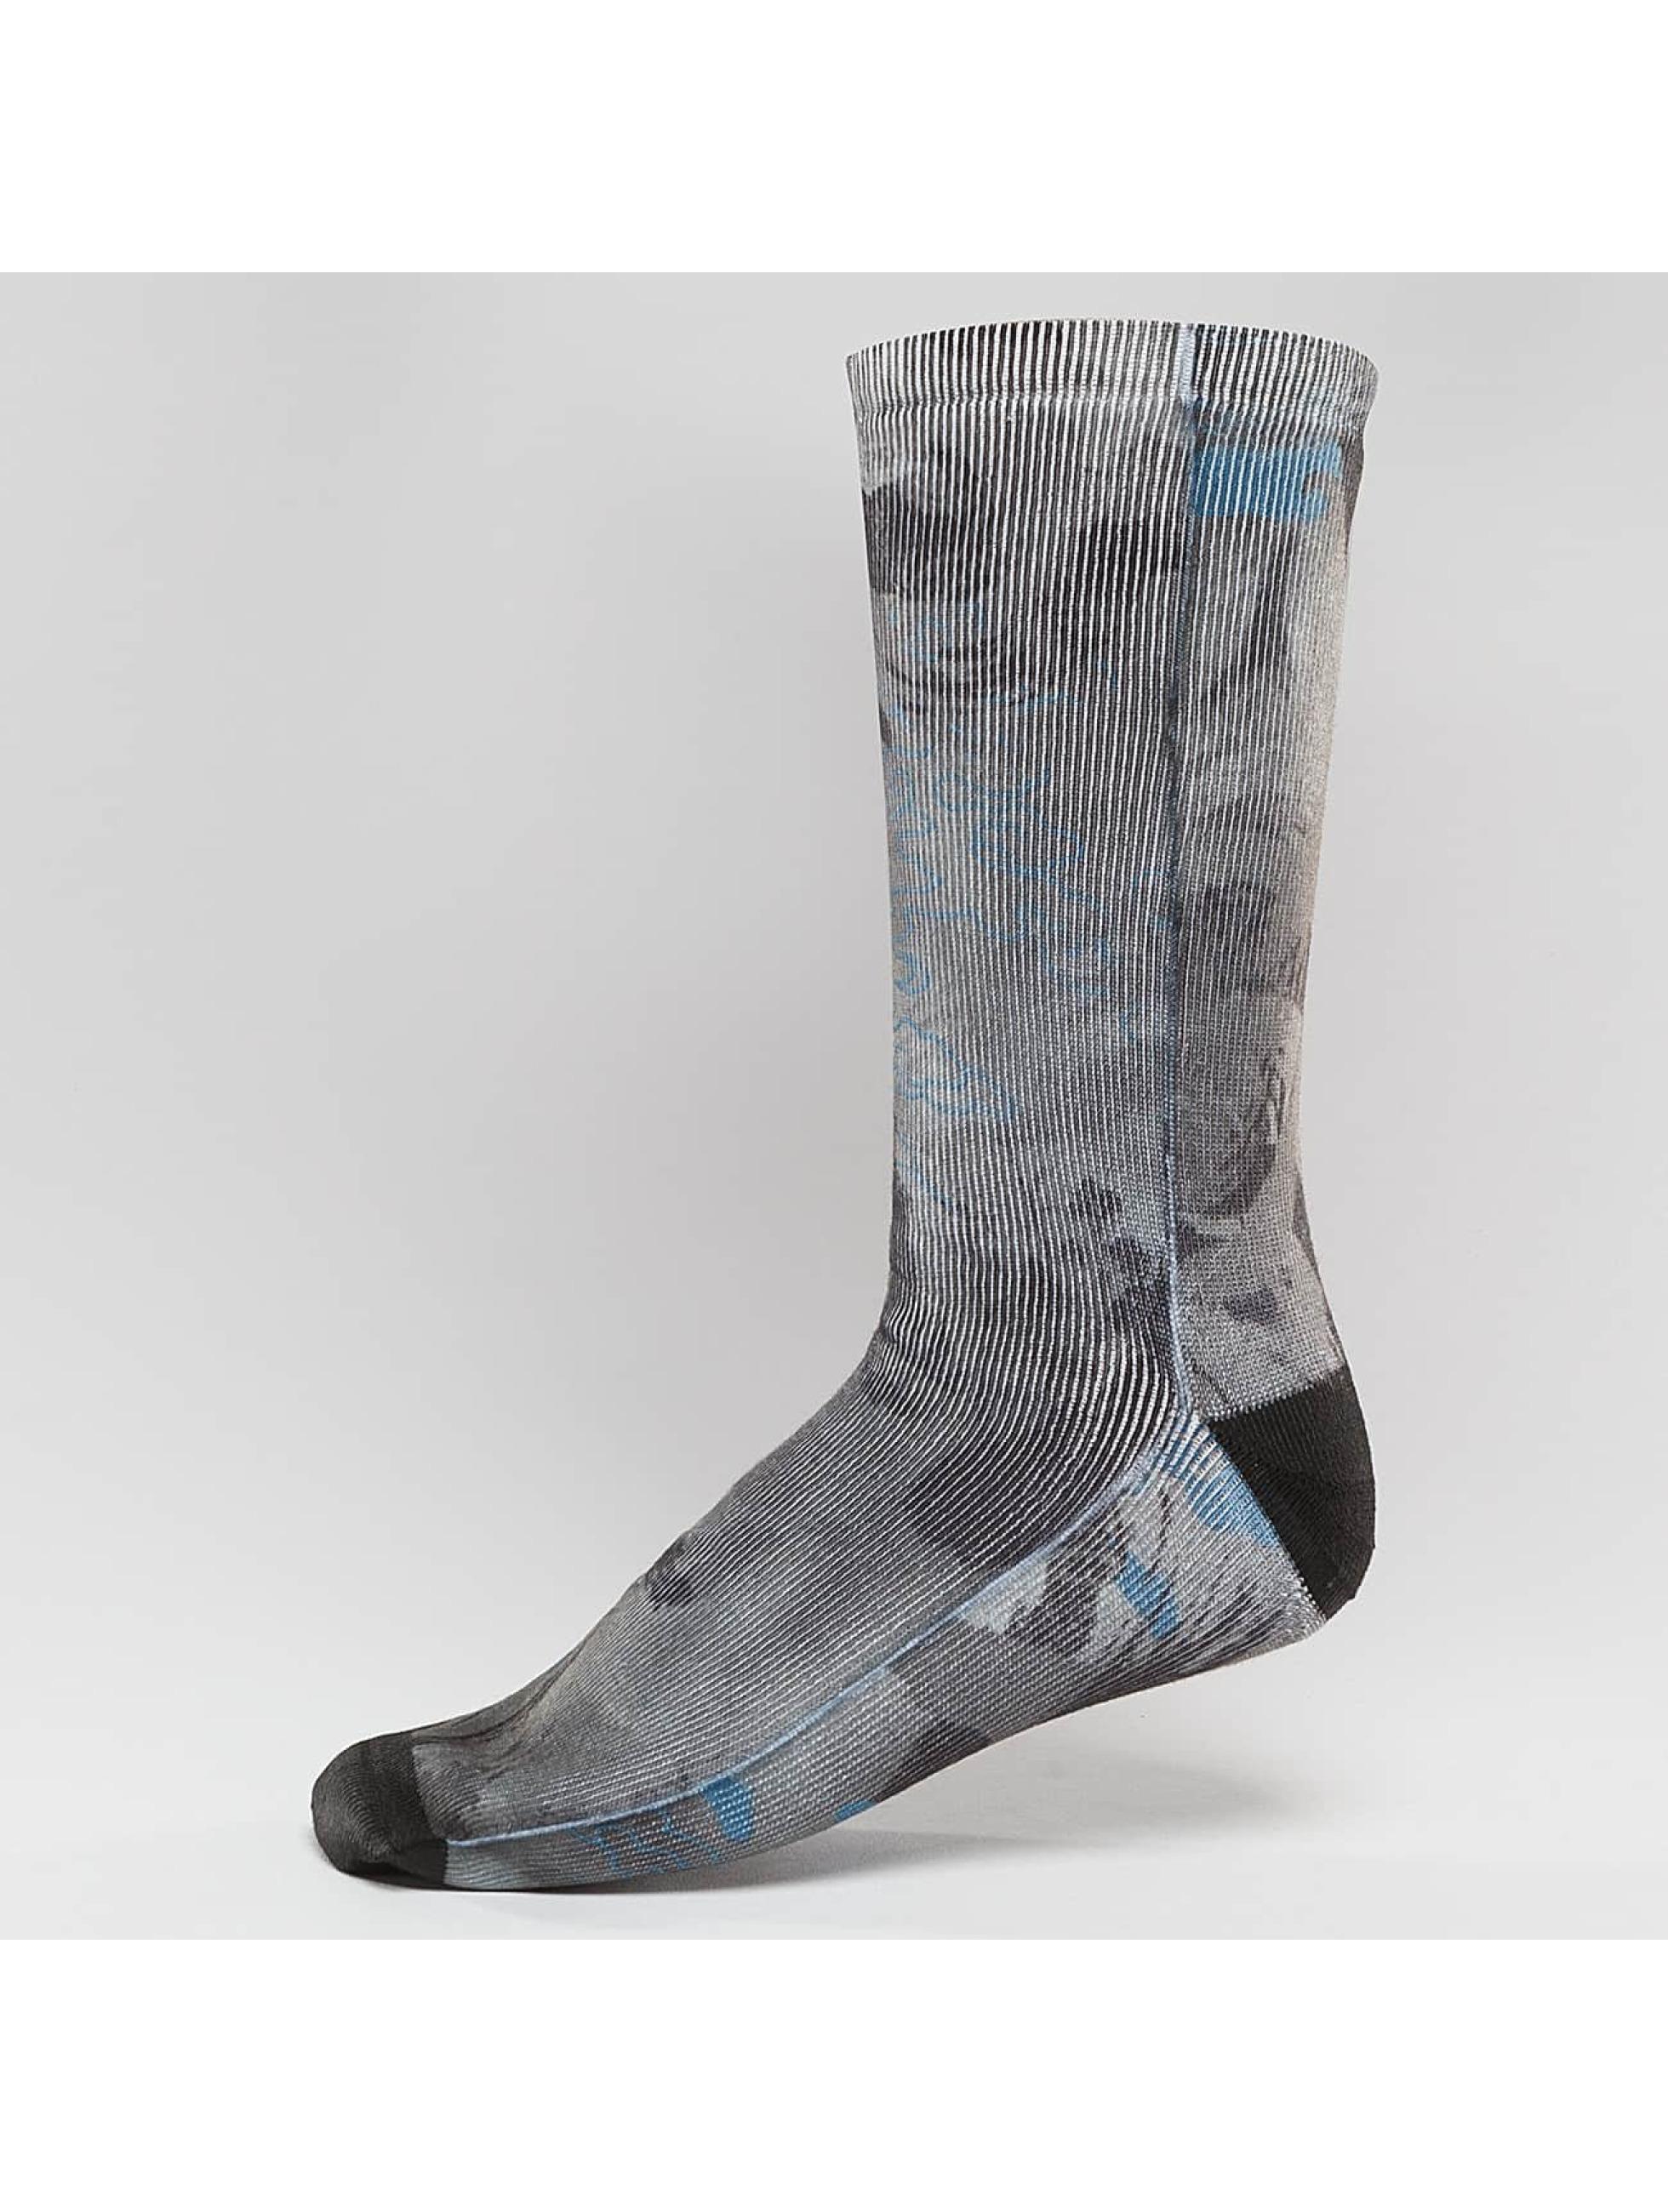 LRG Socks R&D Crew grey